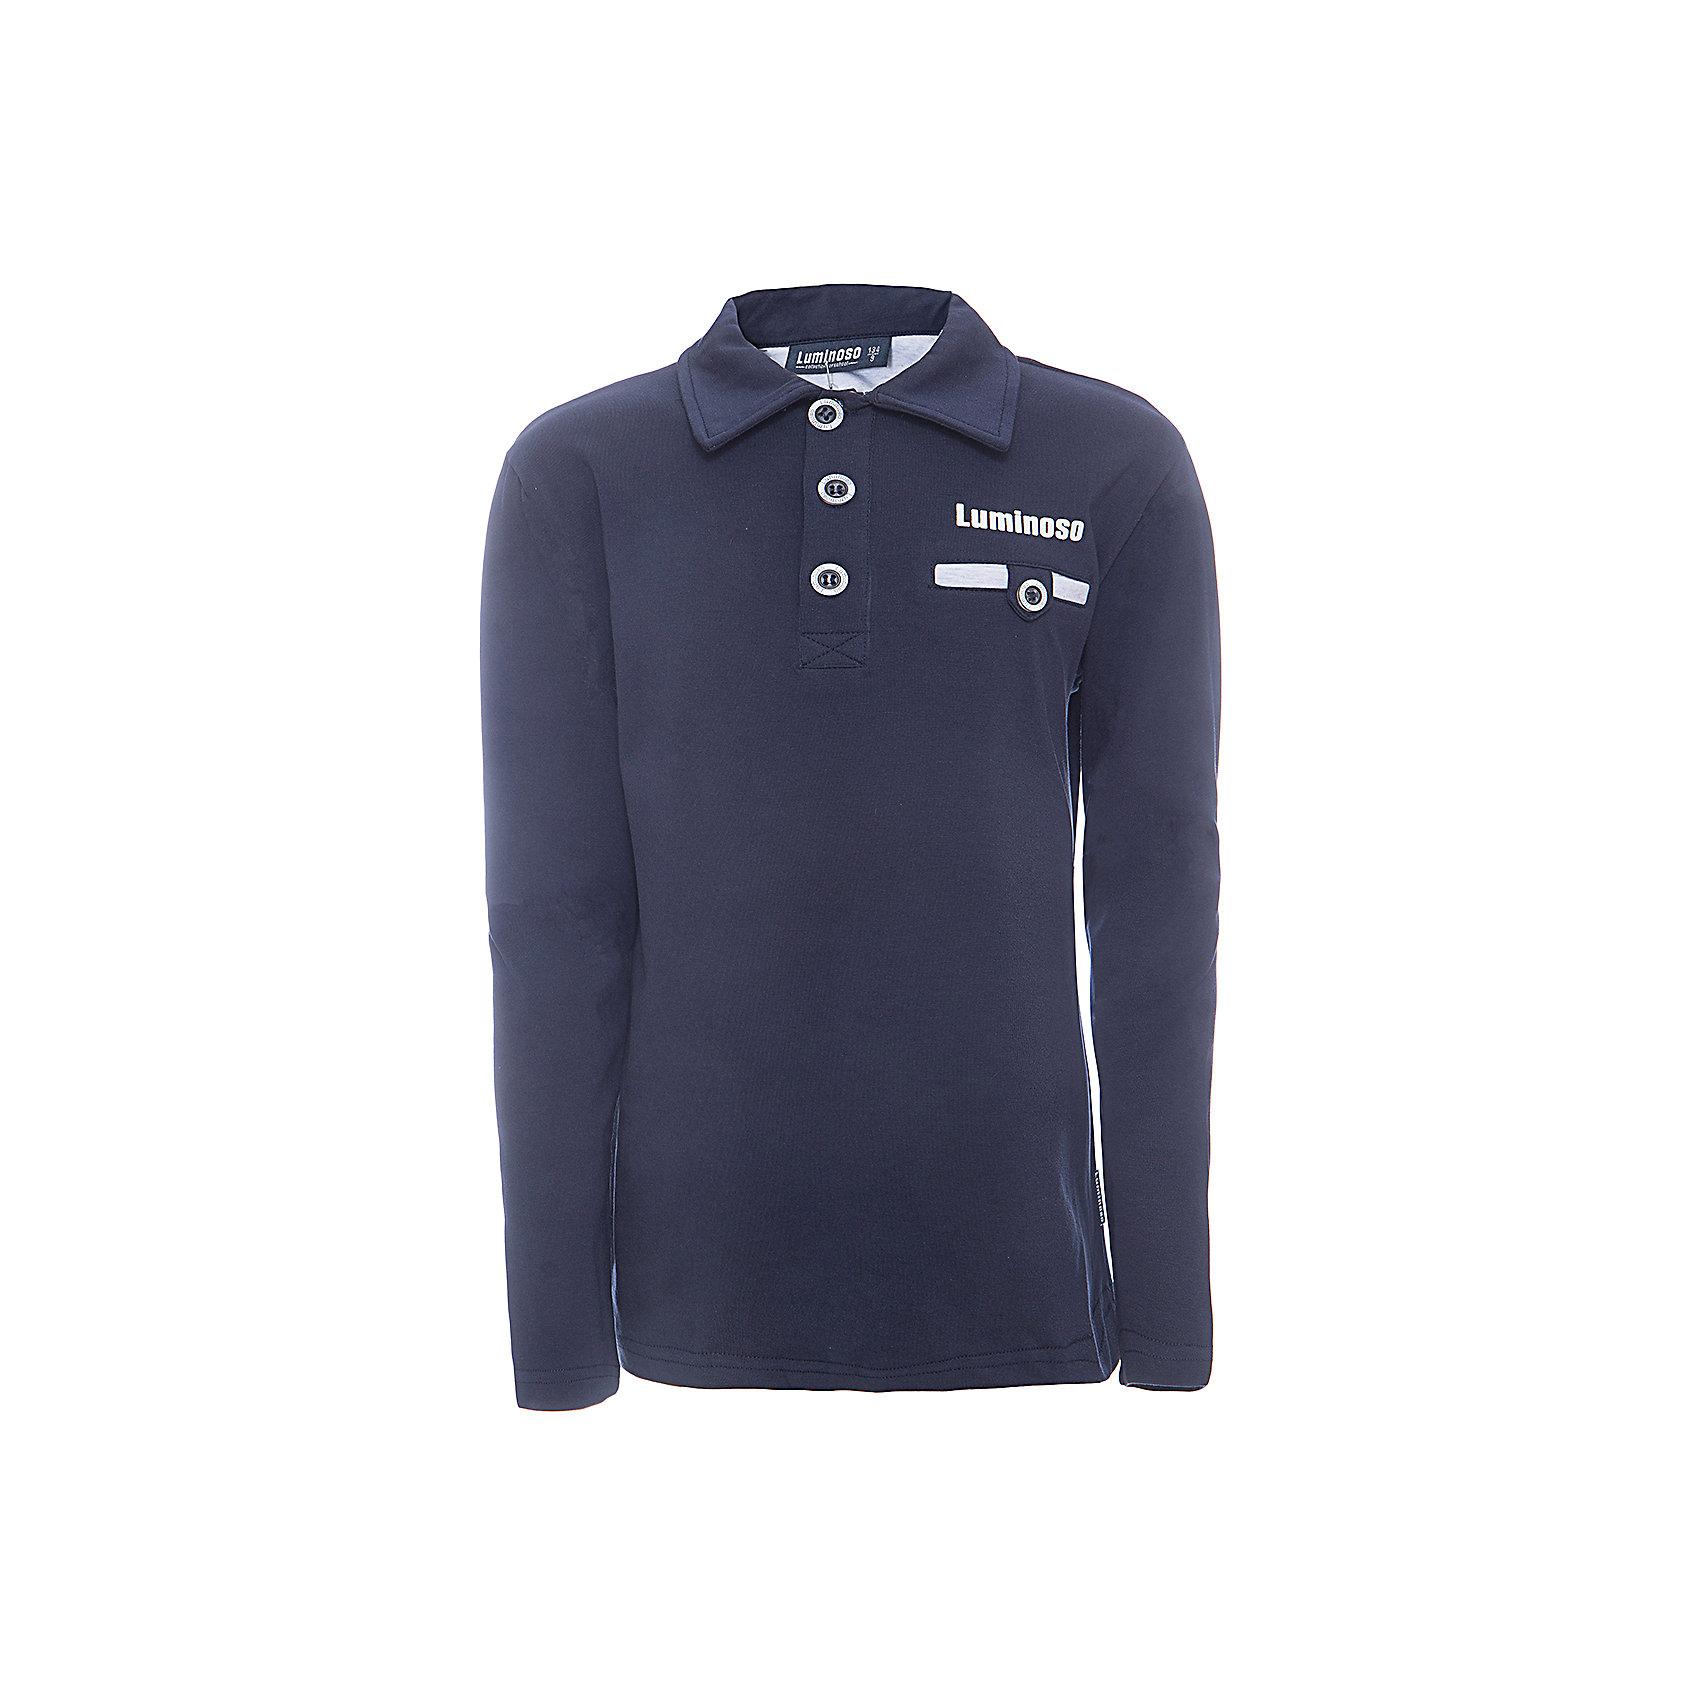 Рубашка-поло для мальчика LuminosoБлузки и рубашки<br>Характеристики товара:<br><br>• цвет: темно-синий<br>• состав: 95% хлопок, 5% эластан<br>• сезон: демисезон<br>• застежка: пуговицы<br>• нагрудный карман на пуговице<br>• особенности: школьная, однотонная<br>• страна бренда: Россия<br>• страна производства: Китай<br><br>Школьная рубашка-поло для мальчика. Темно-синий джемпер-поло из трикотажной хлопковой ткани с длинным рукавом для мальчика с воротничком и карманом и короткой застежкой на пуговицах.<br><br>Рубашка-поло для мальчика Luminoso (Люминосо) можно купить в нашем интернет-магазине.<br><br>Ширина мм: 230<br>Глубина мм: 40<br>Высота мм: 220<br>Вес г: 250<br>Цвет: синий<br>Возраст от месяцев: 108<br>Возраст до месяцев: 120<br>Пол: Мужской<br>Возраст: Детский<br>Размер: 140,152,158,164,146,122,128,134<br>SKU: 6672401